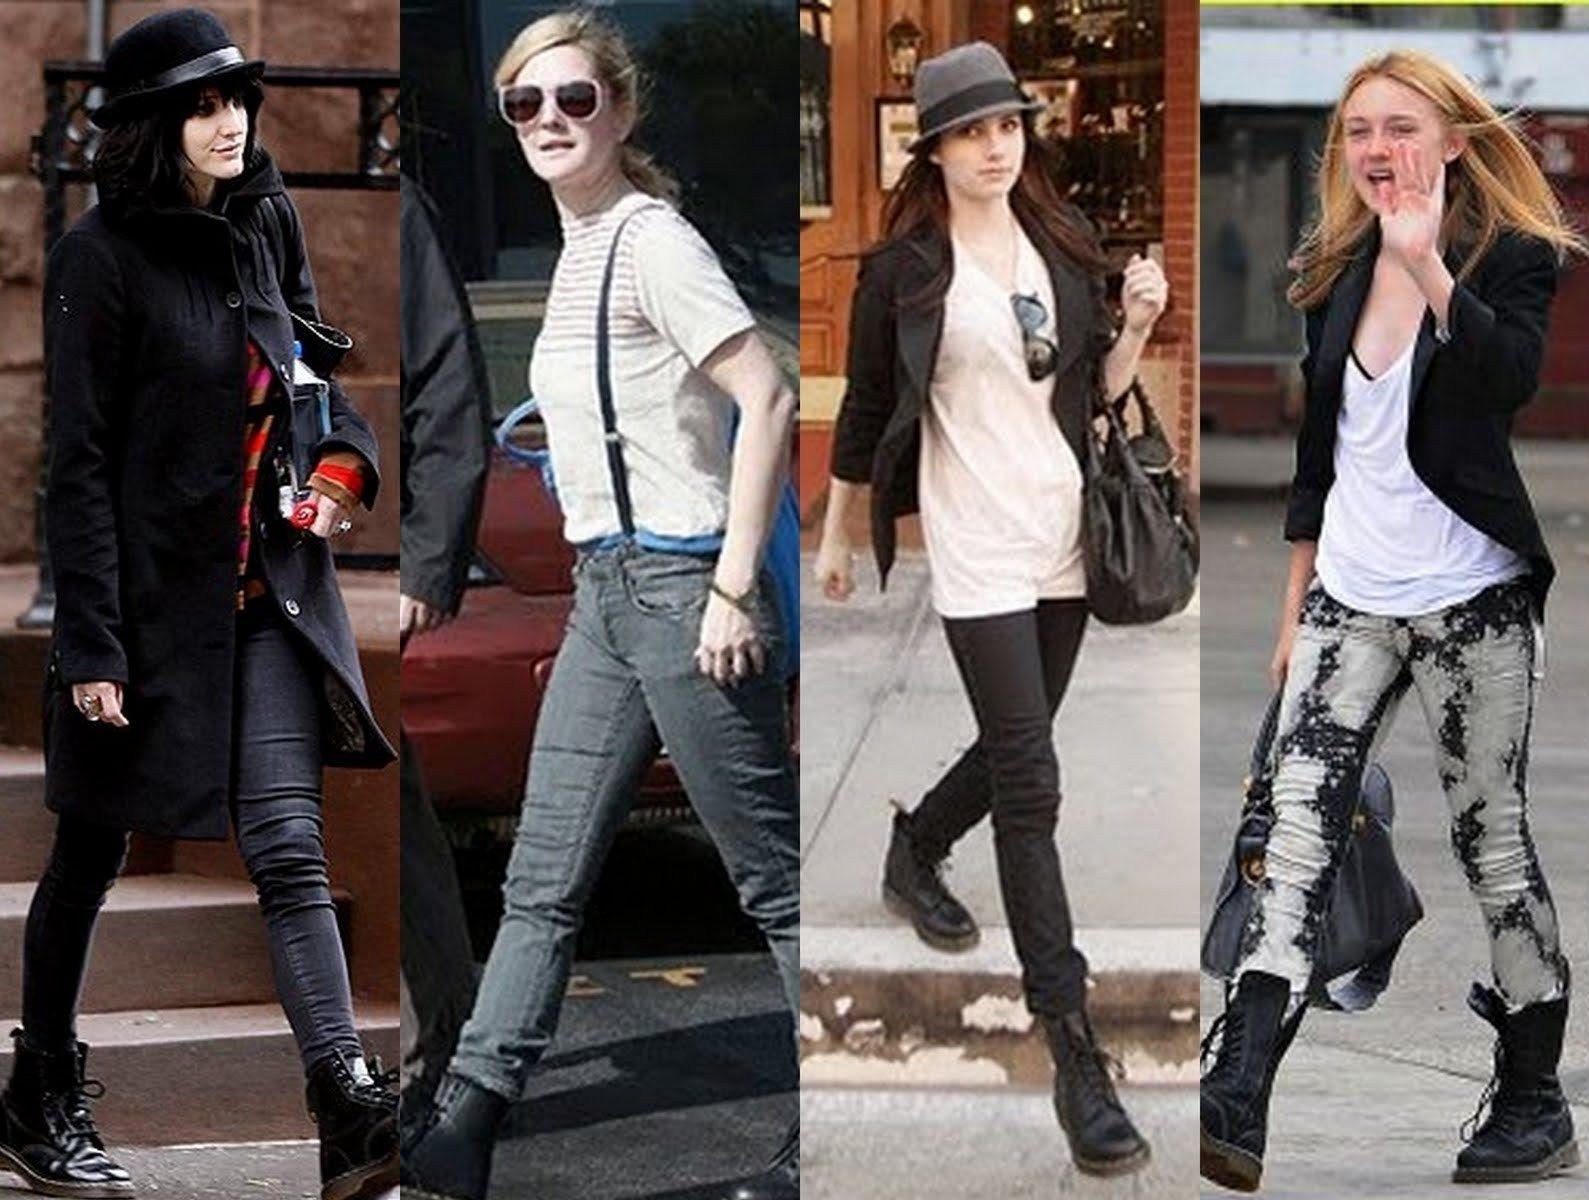 nowy styl duża obniżka najlepszy hurtownik Pin by Shoe City on Favorite Shoes to Wear | Fashion, 90s ...